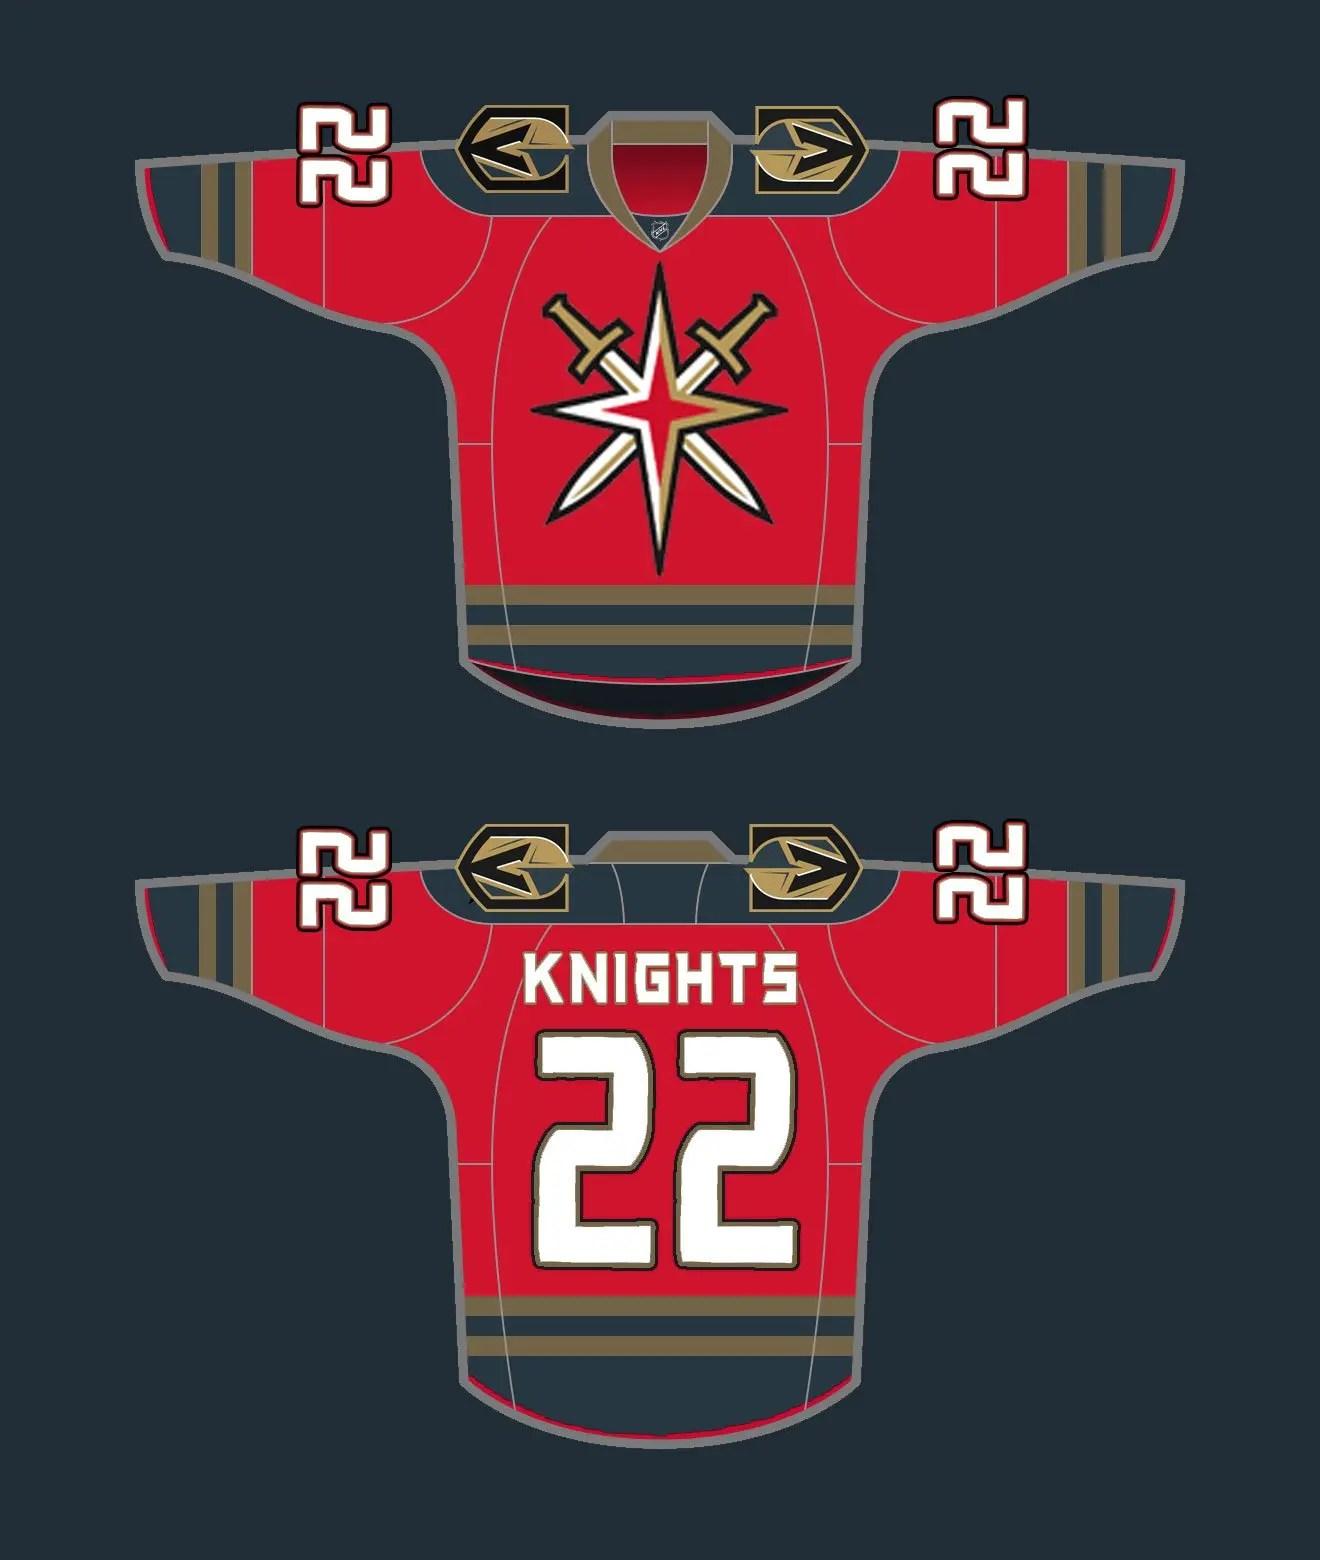 Vegas Golden Knights Jersey Concepts - SinBin.vegas